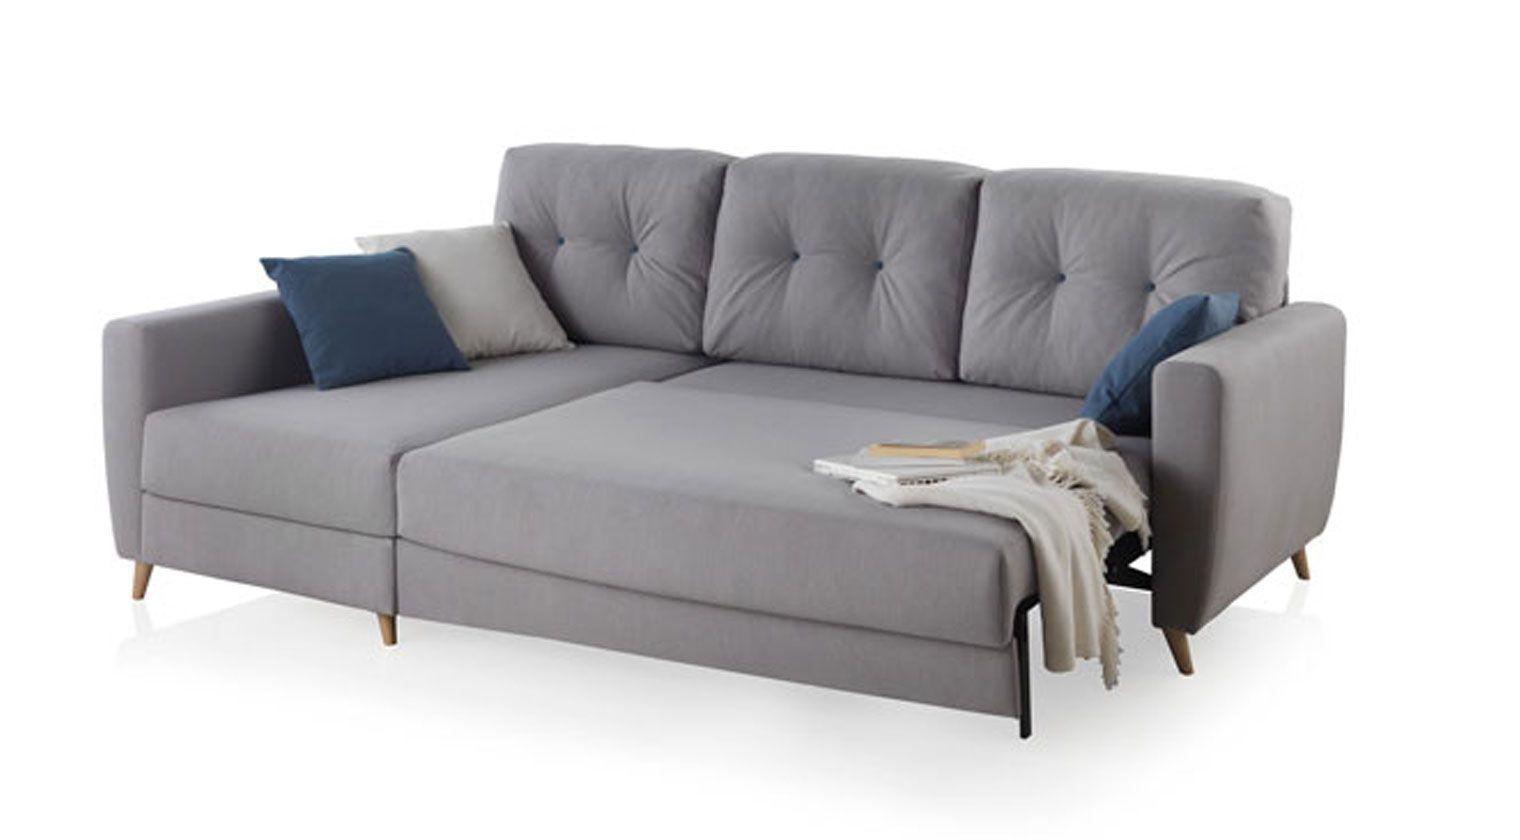 Comprar chaise longue cierzo chaise longue cama 4 plazas for Sofa extensible 4 plazas